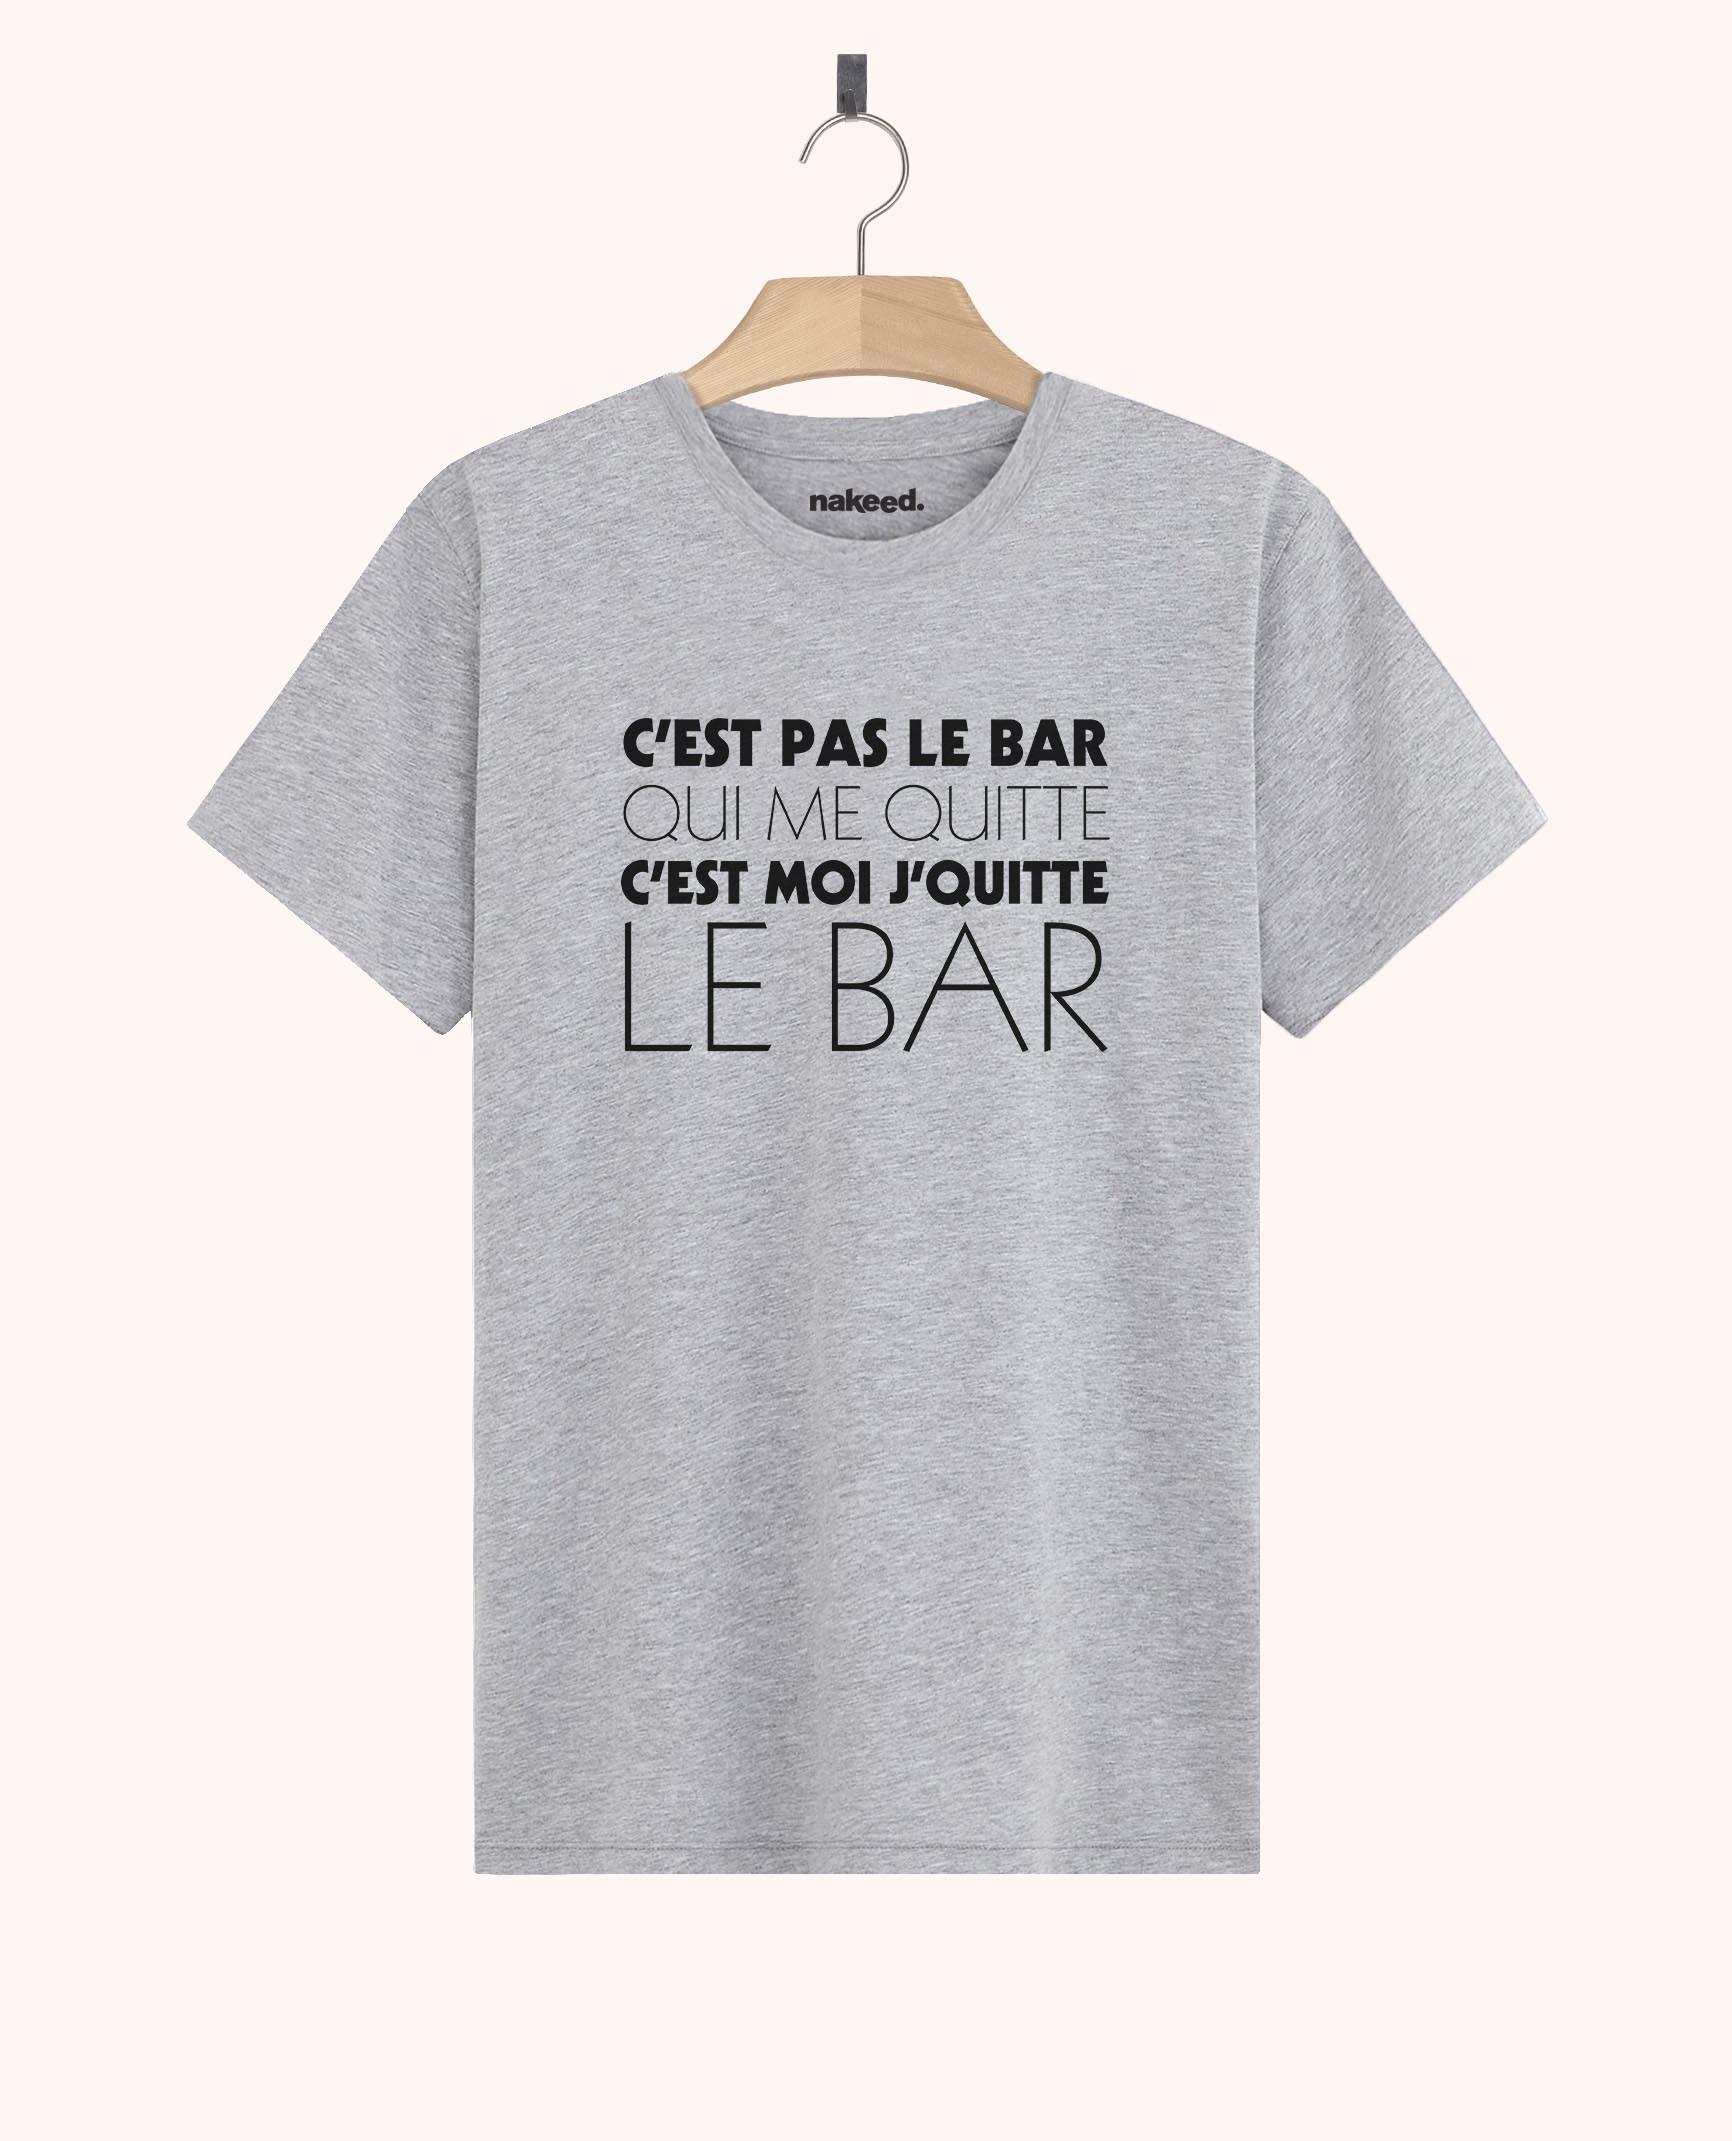 Teeshirt C'est Moi Je Quitte le Bar